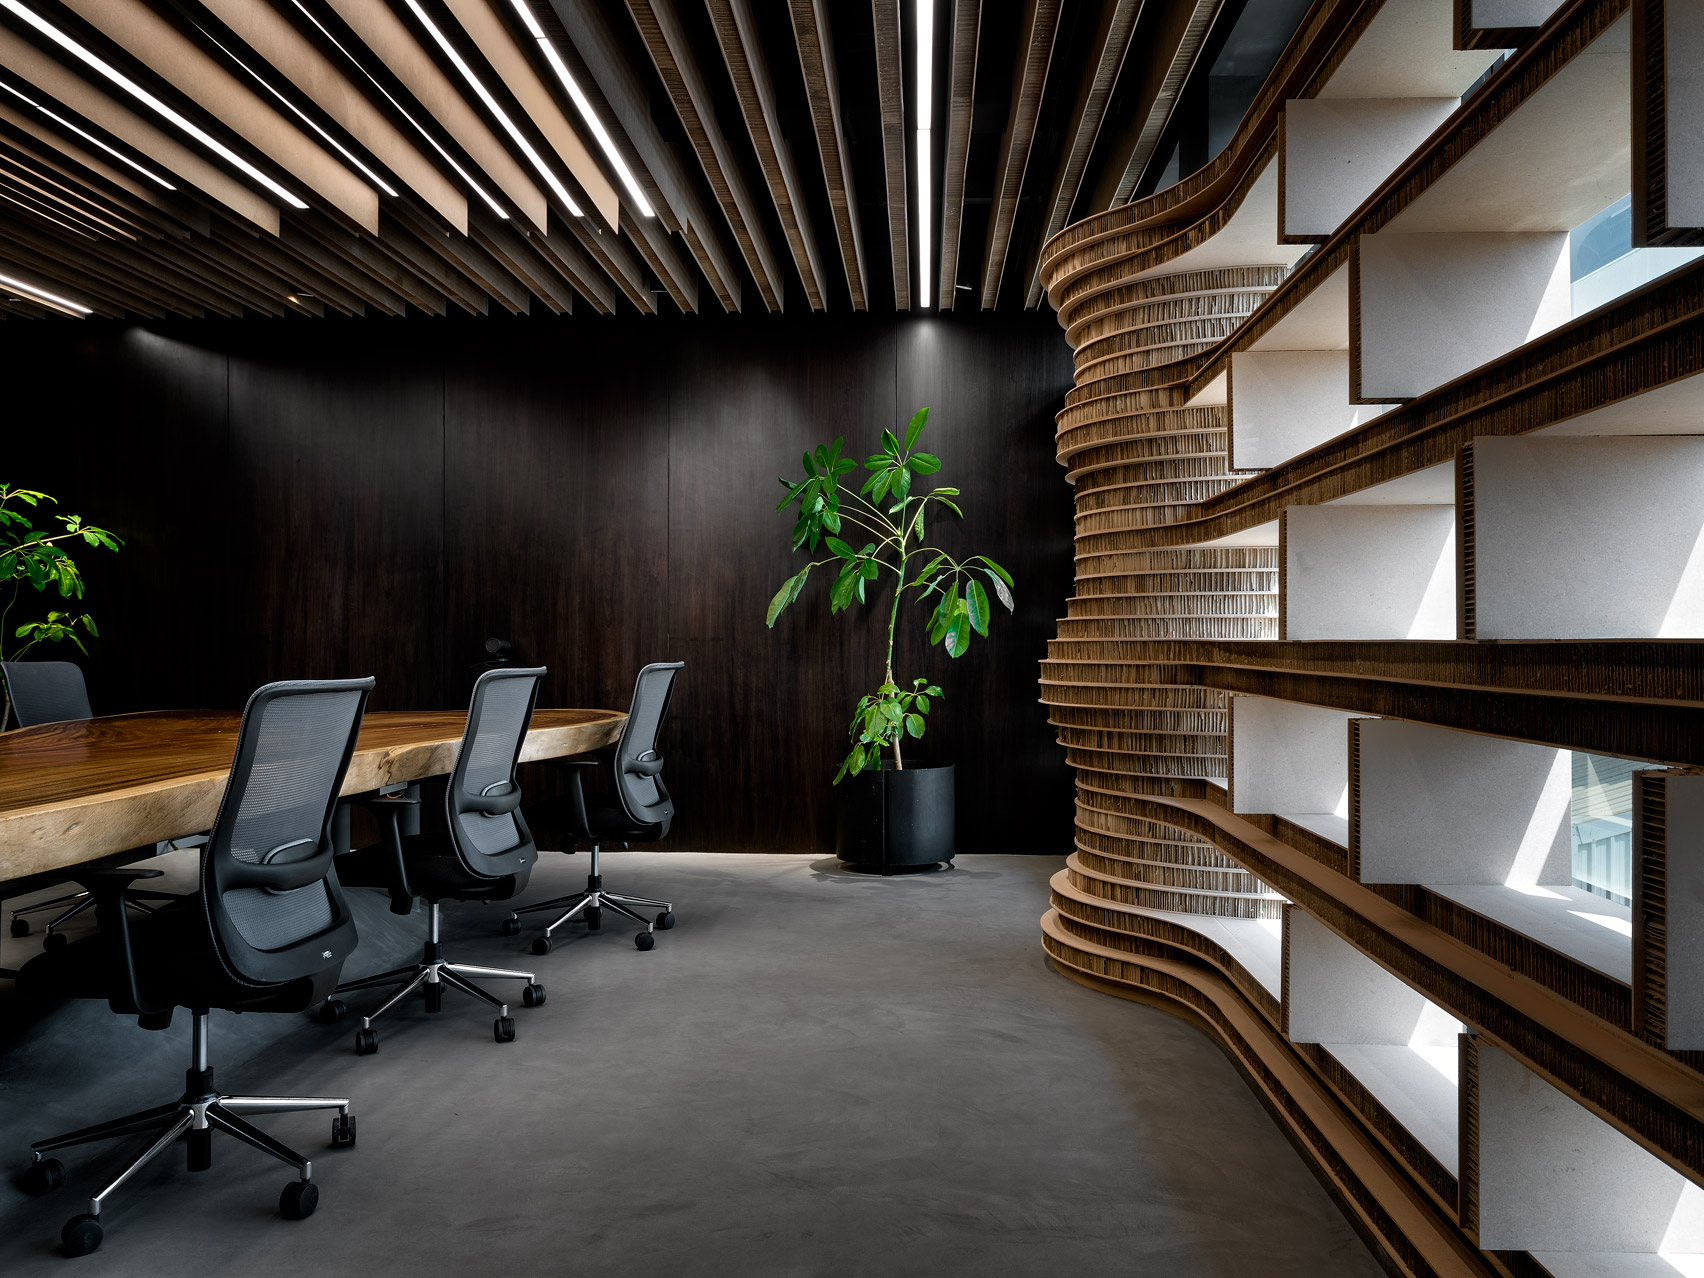 Офис из картона: фото впечатляющего экодизайна - фото 7